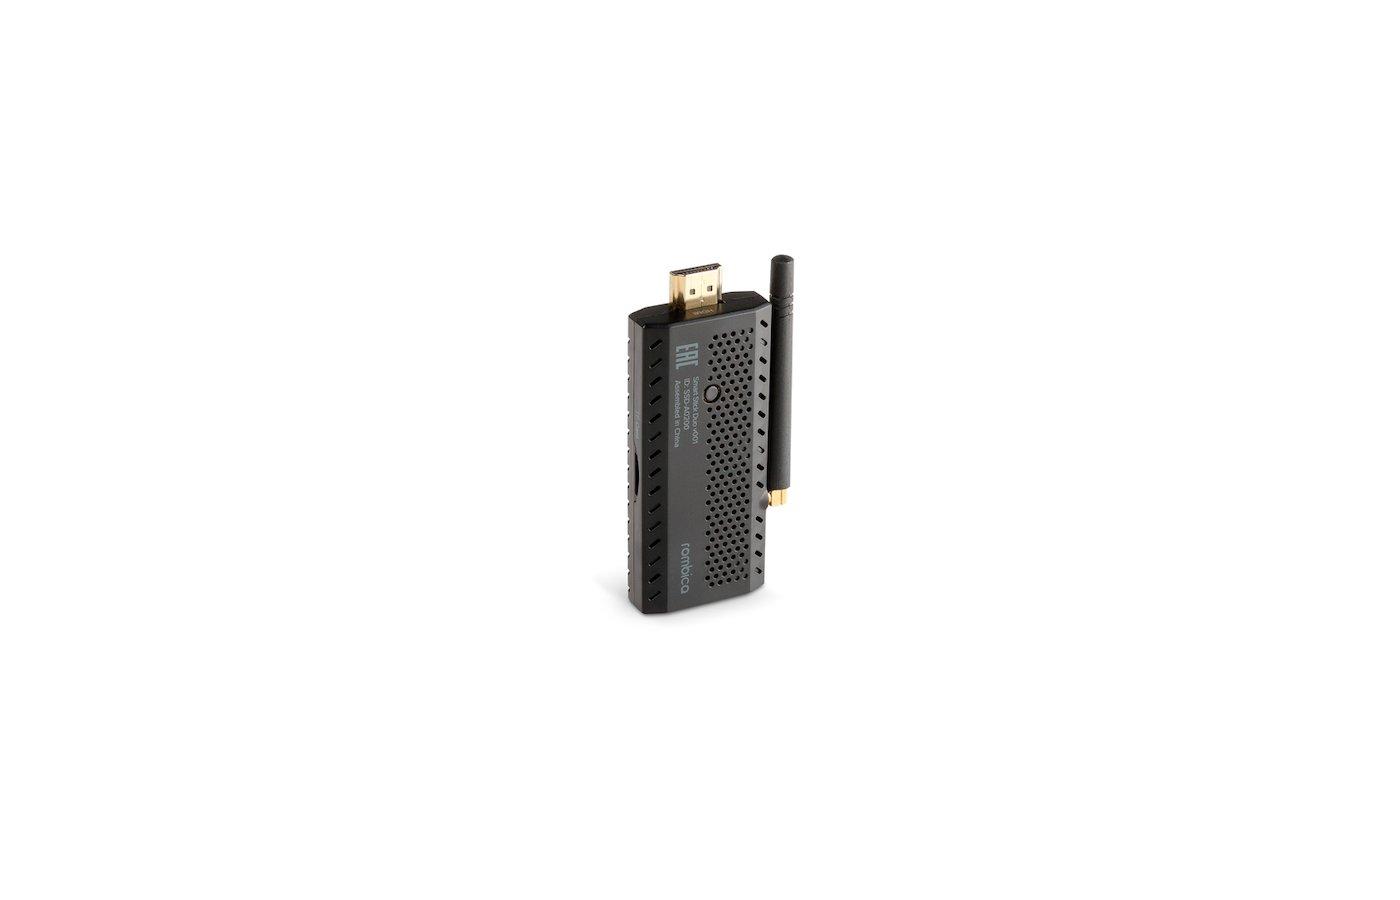 Приставка Smart TV Rombica Smart Stick Duo v001 (SSD-A0200)